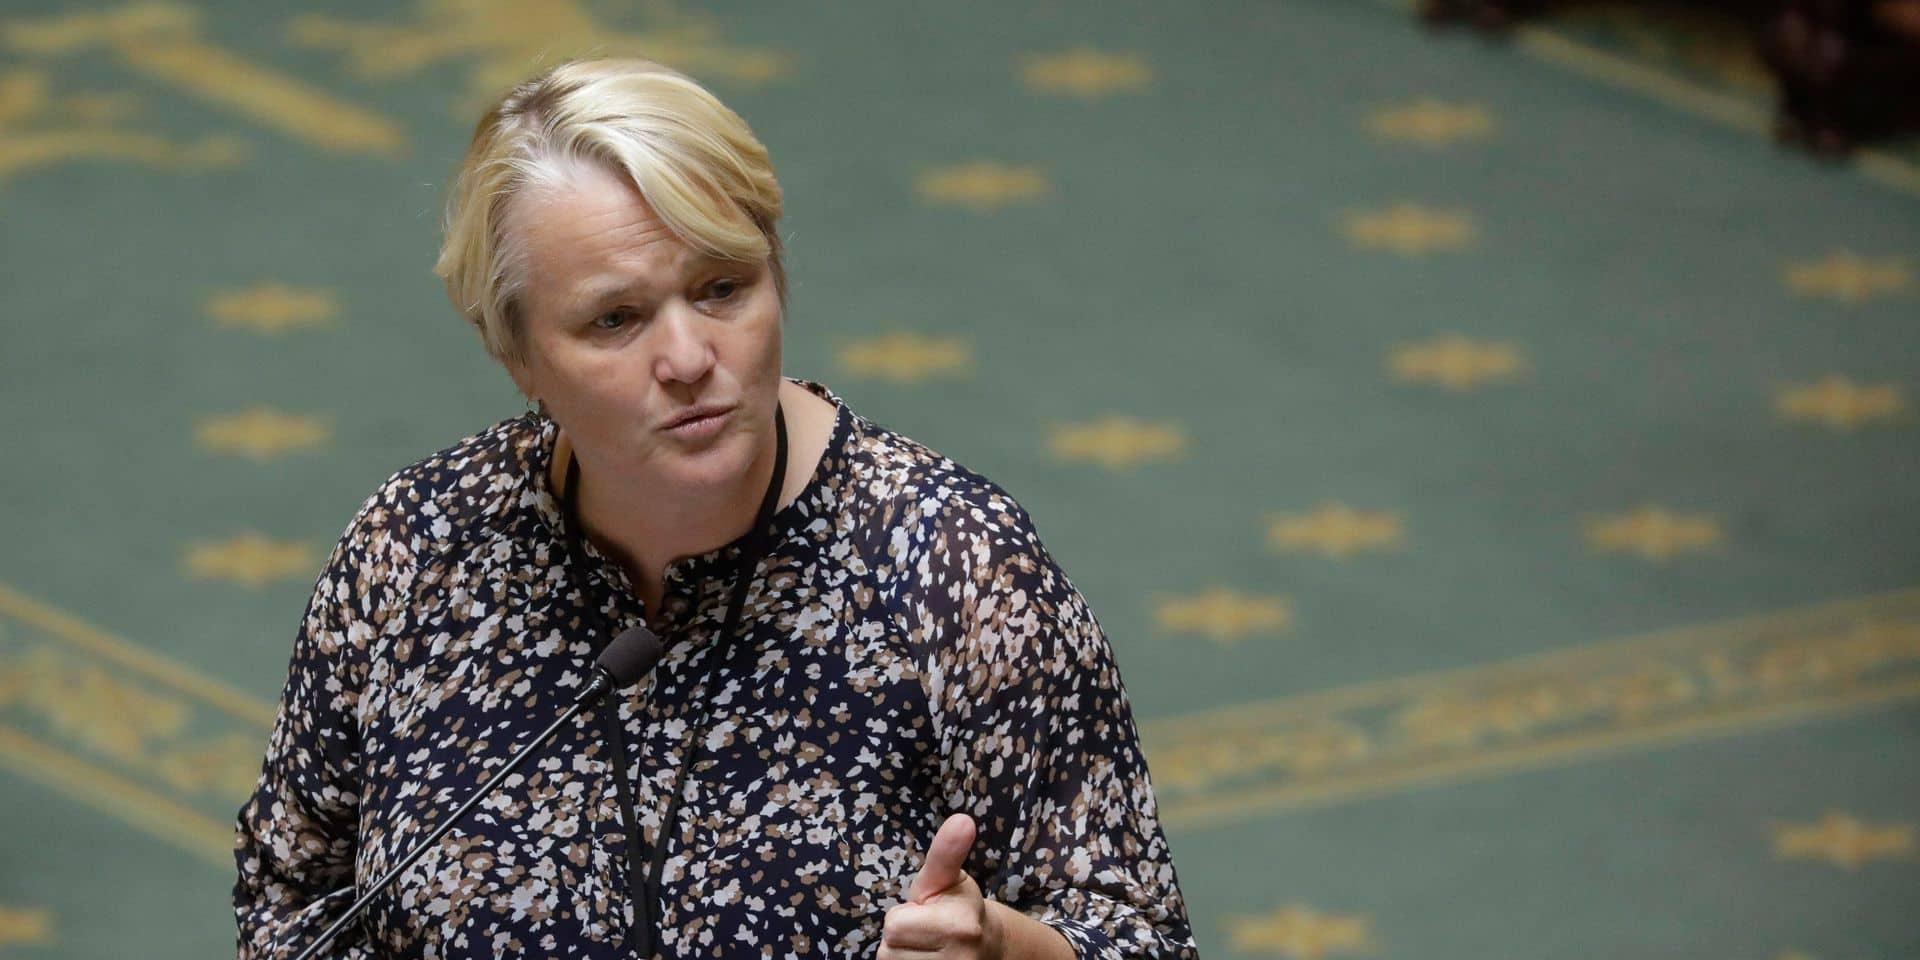 La ministre fédérale de l'Egalité des chances, Nathalie Muylle, préside la conférence interministérielle contre le racisme.